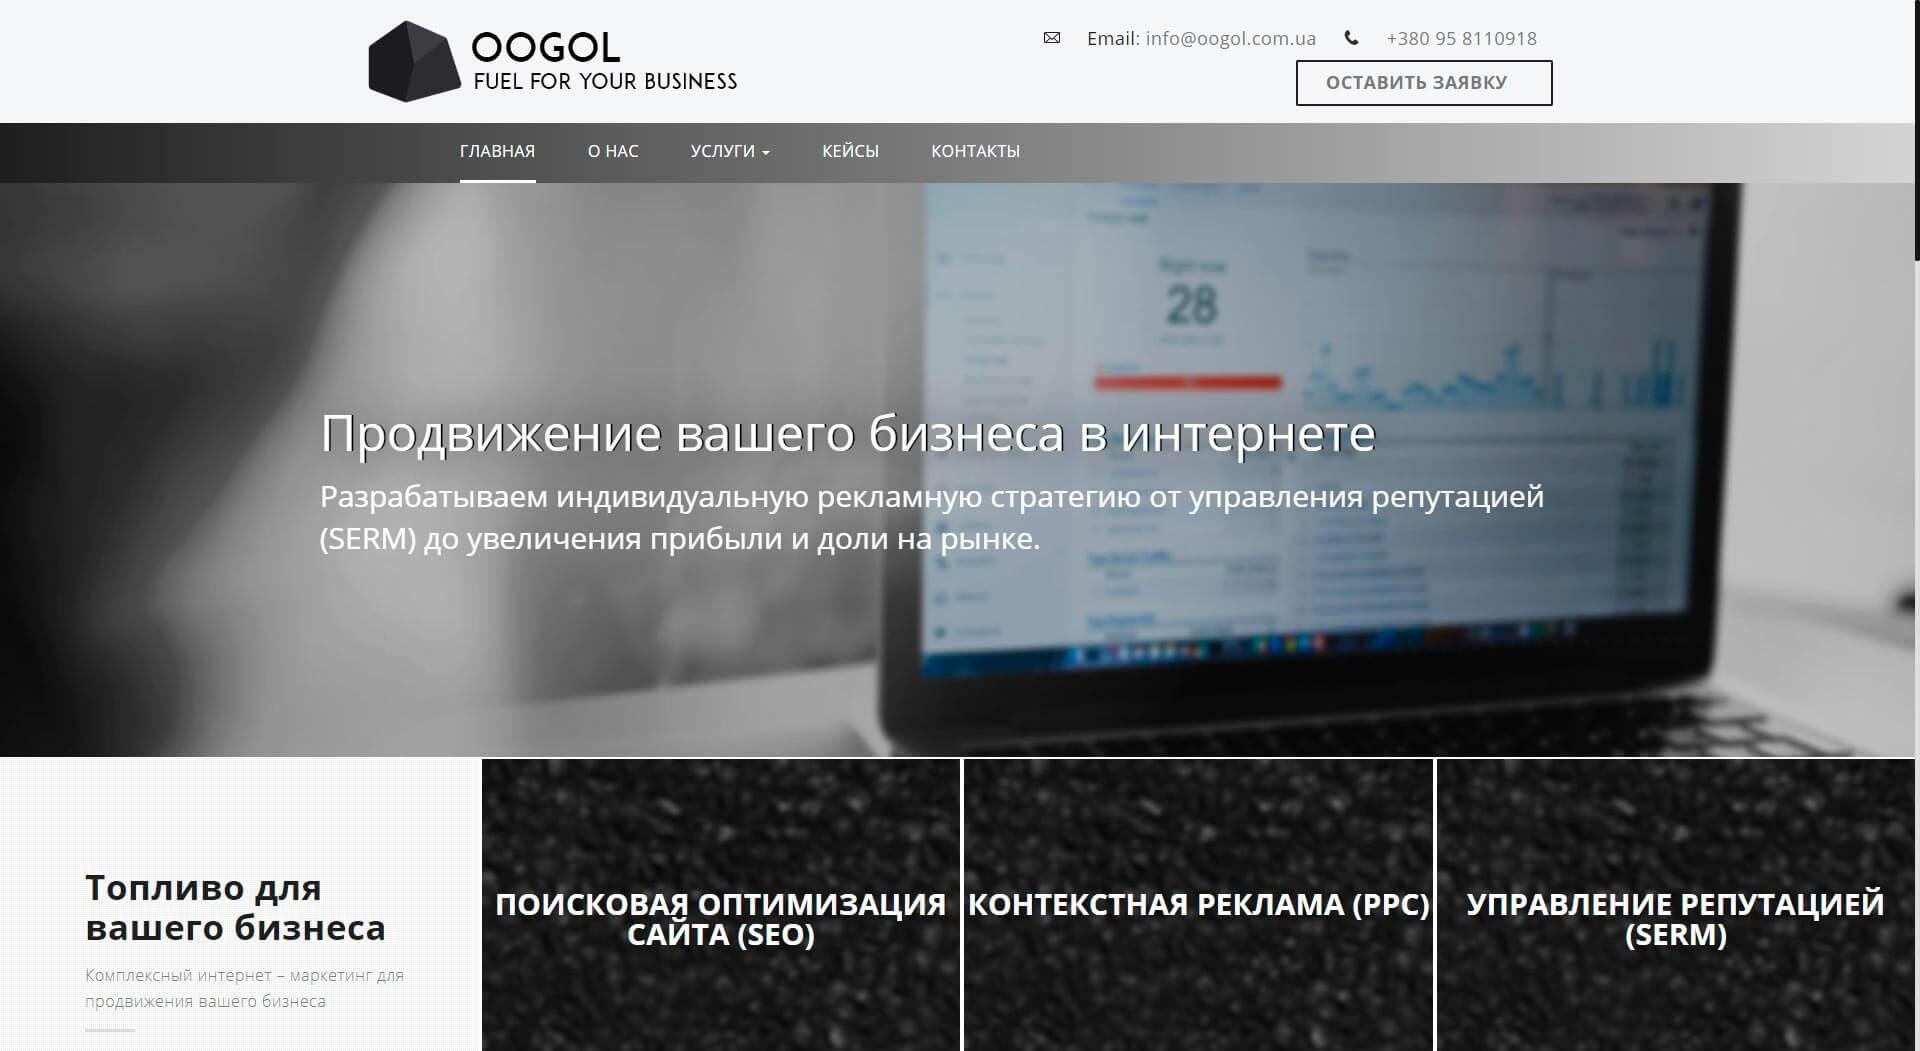 Oogol - обзор компании, услуги, отзывы, клиенты, Фото № 1 - google-seo.pro